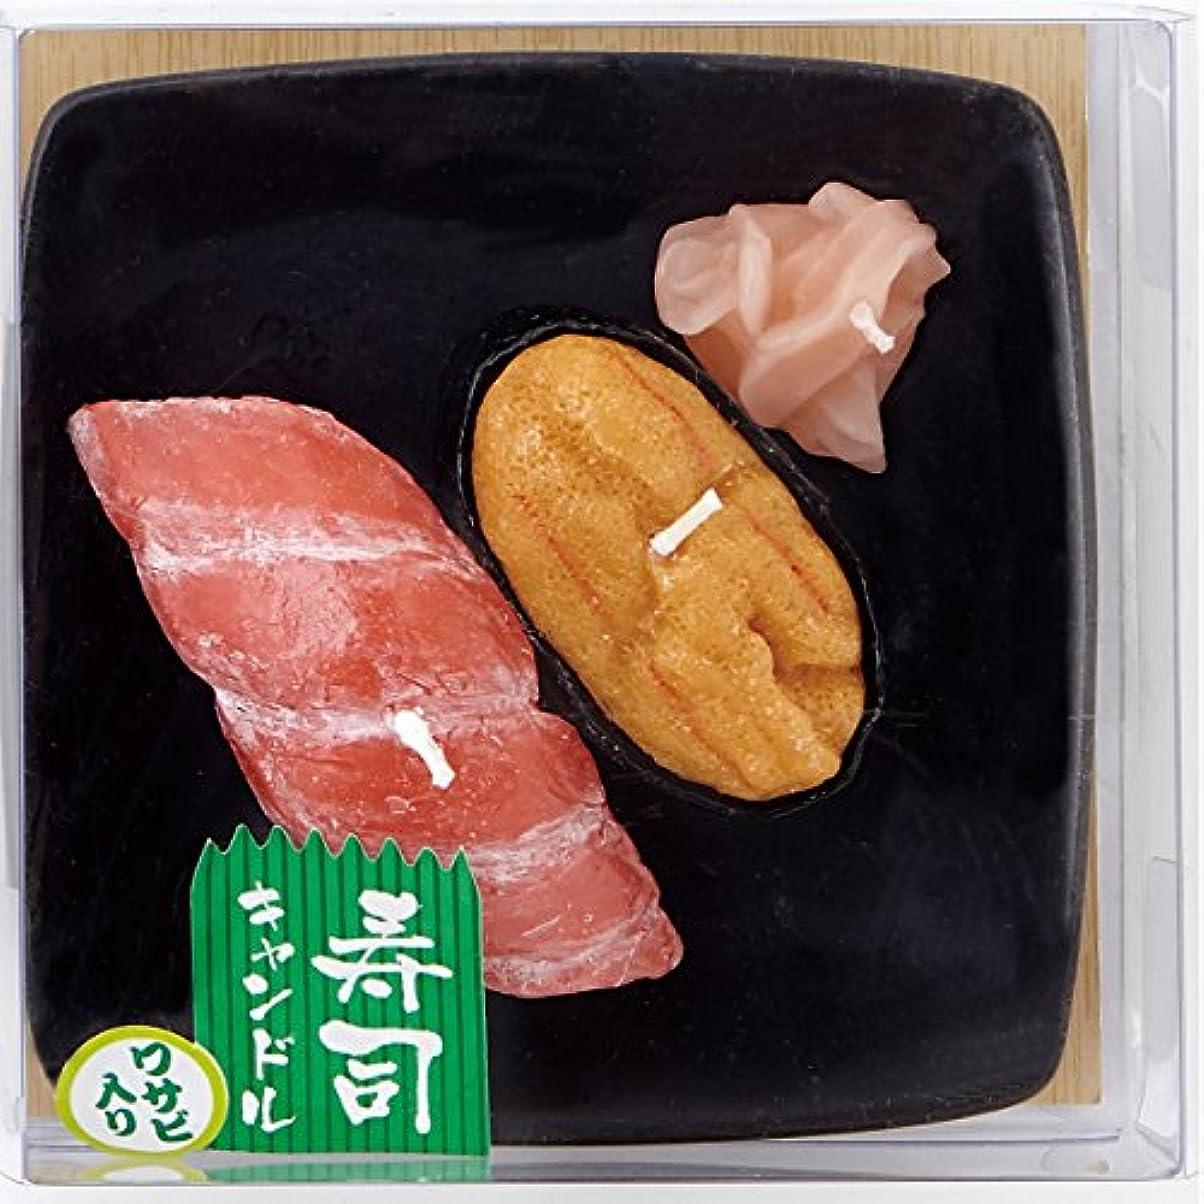 腐食する主人どこでも寿司キャンドル C(ウニ・大トロ) サビ入